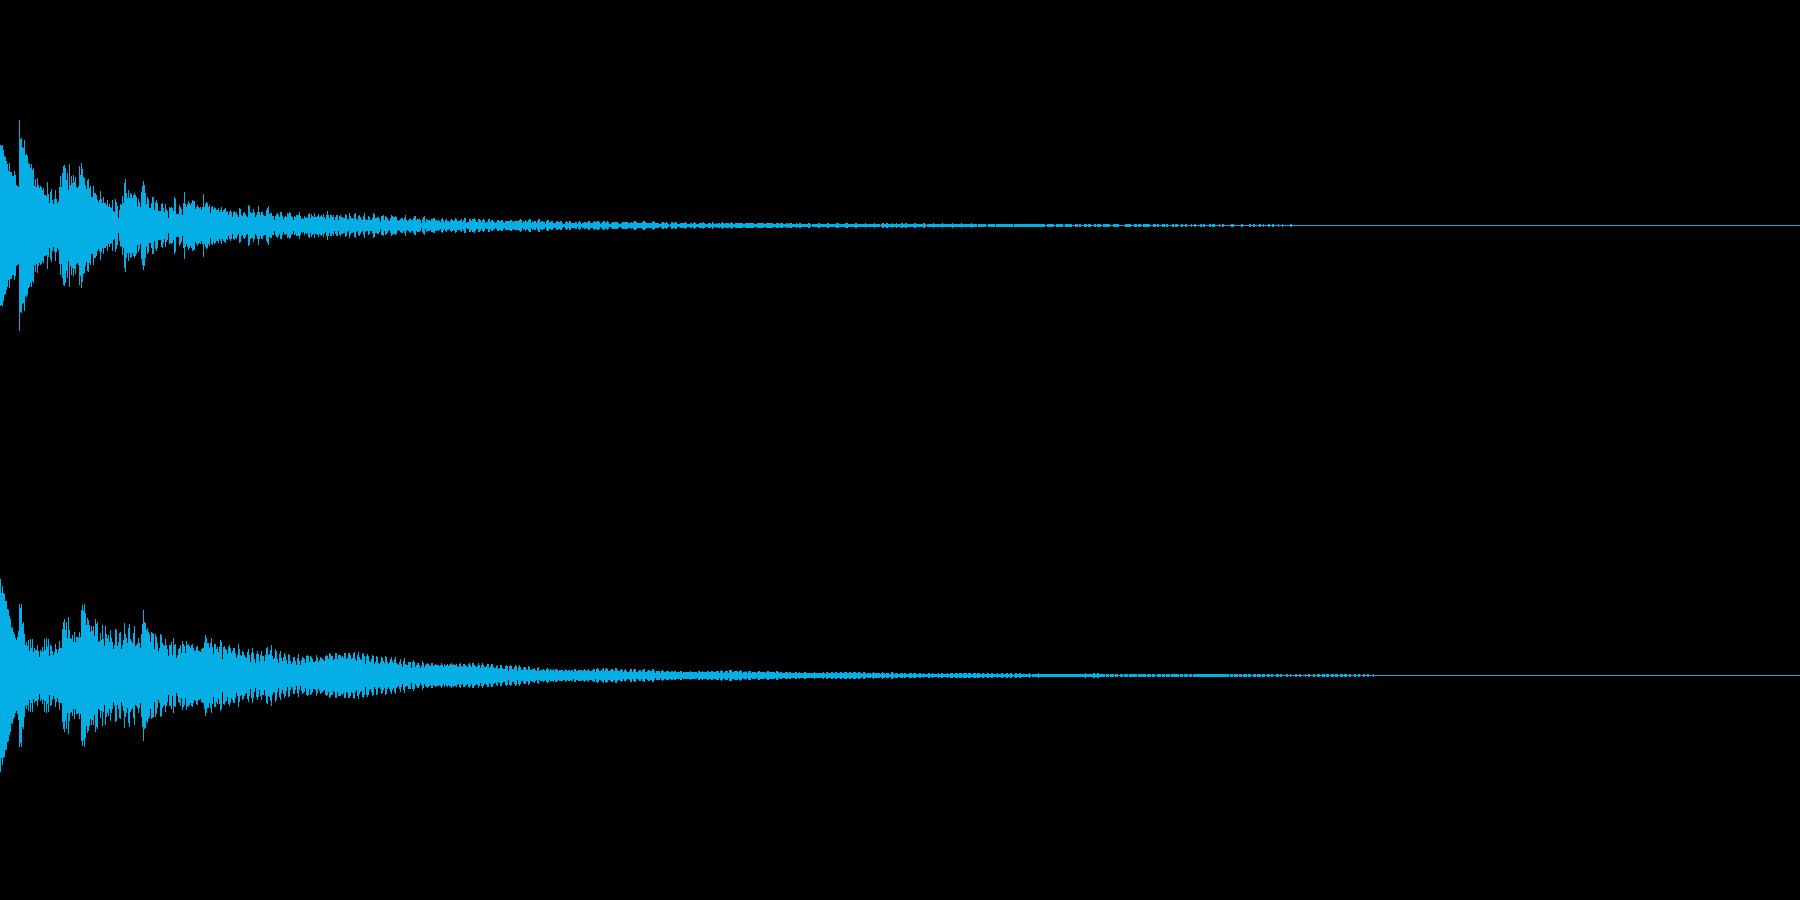 コイン選択画面 1ドル選択音の再生済みの波形